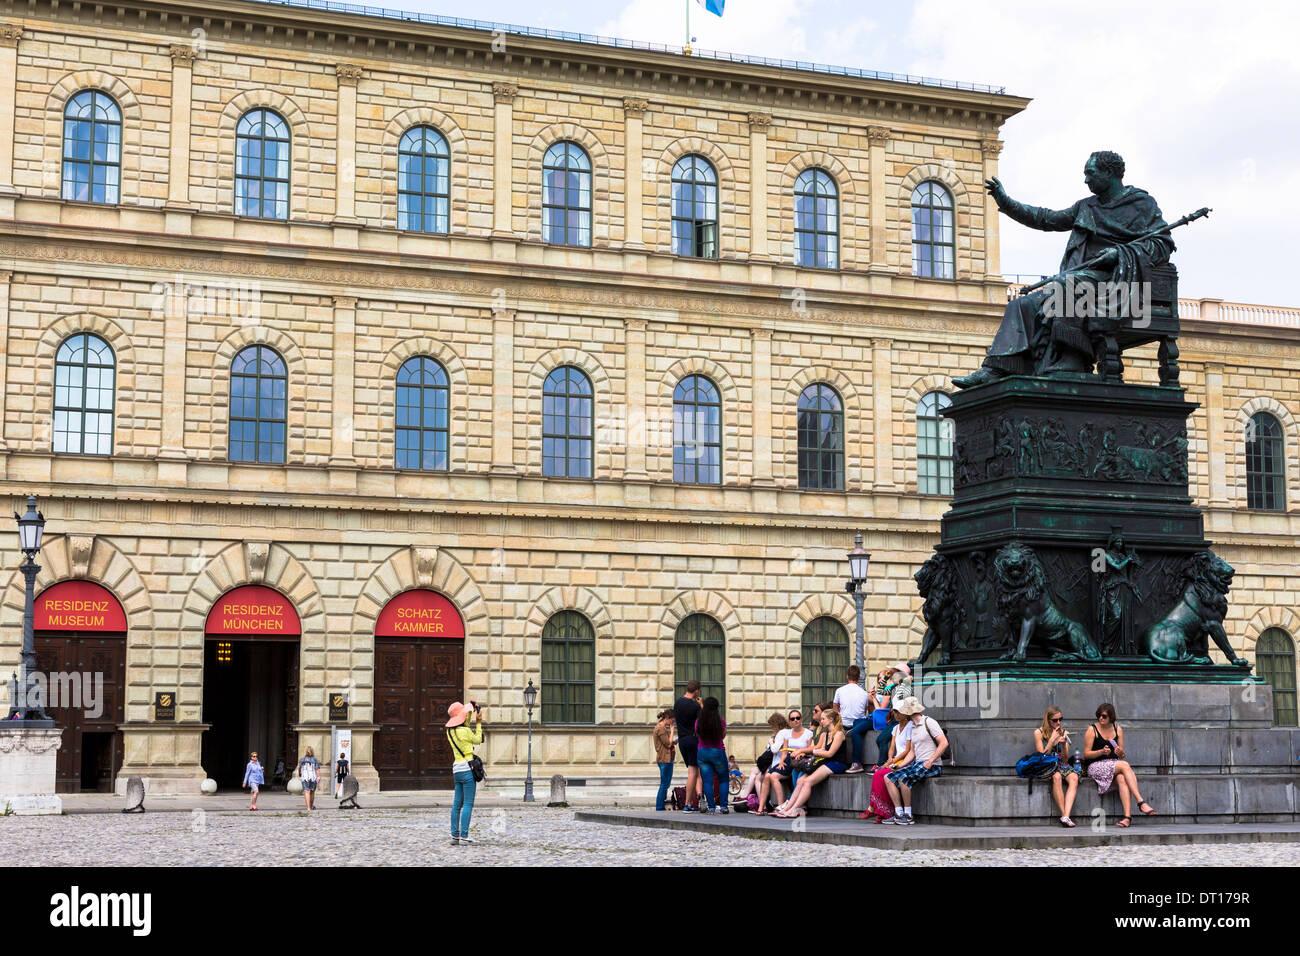 Fotografías turísticas estatua de Maximiliano Iosepho, Rey de Baviera por la Residenz en Múnich, Baviera, Alemania Imagen De Stock